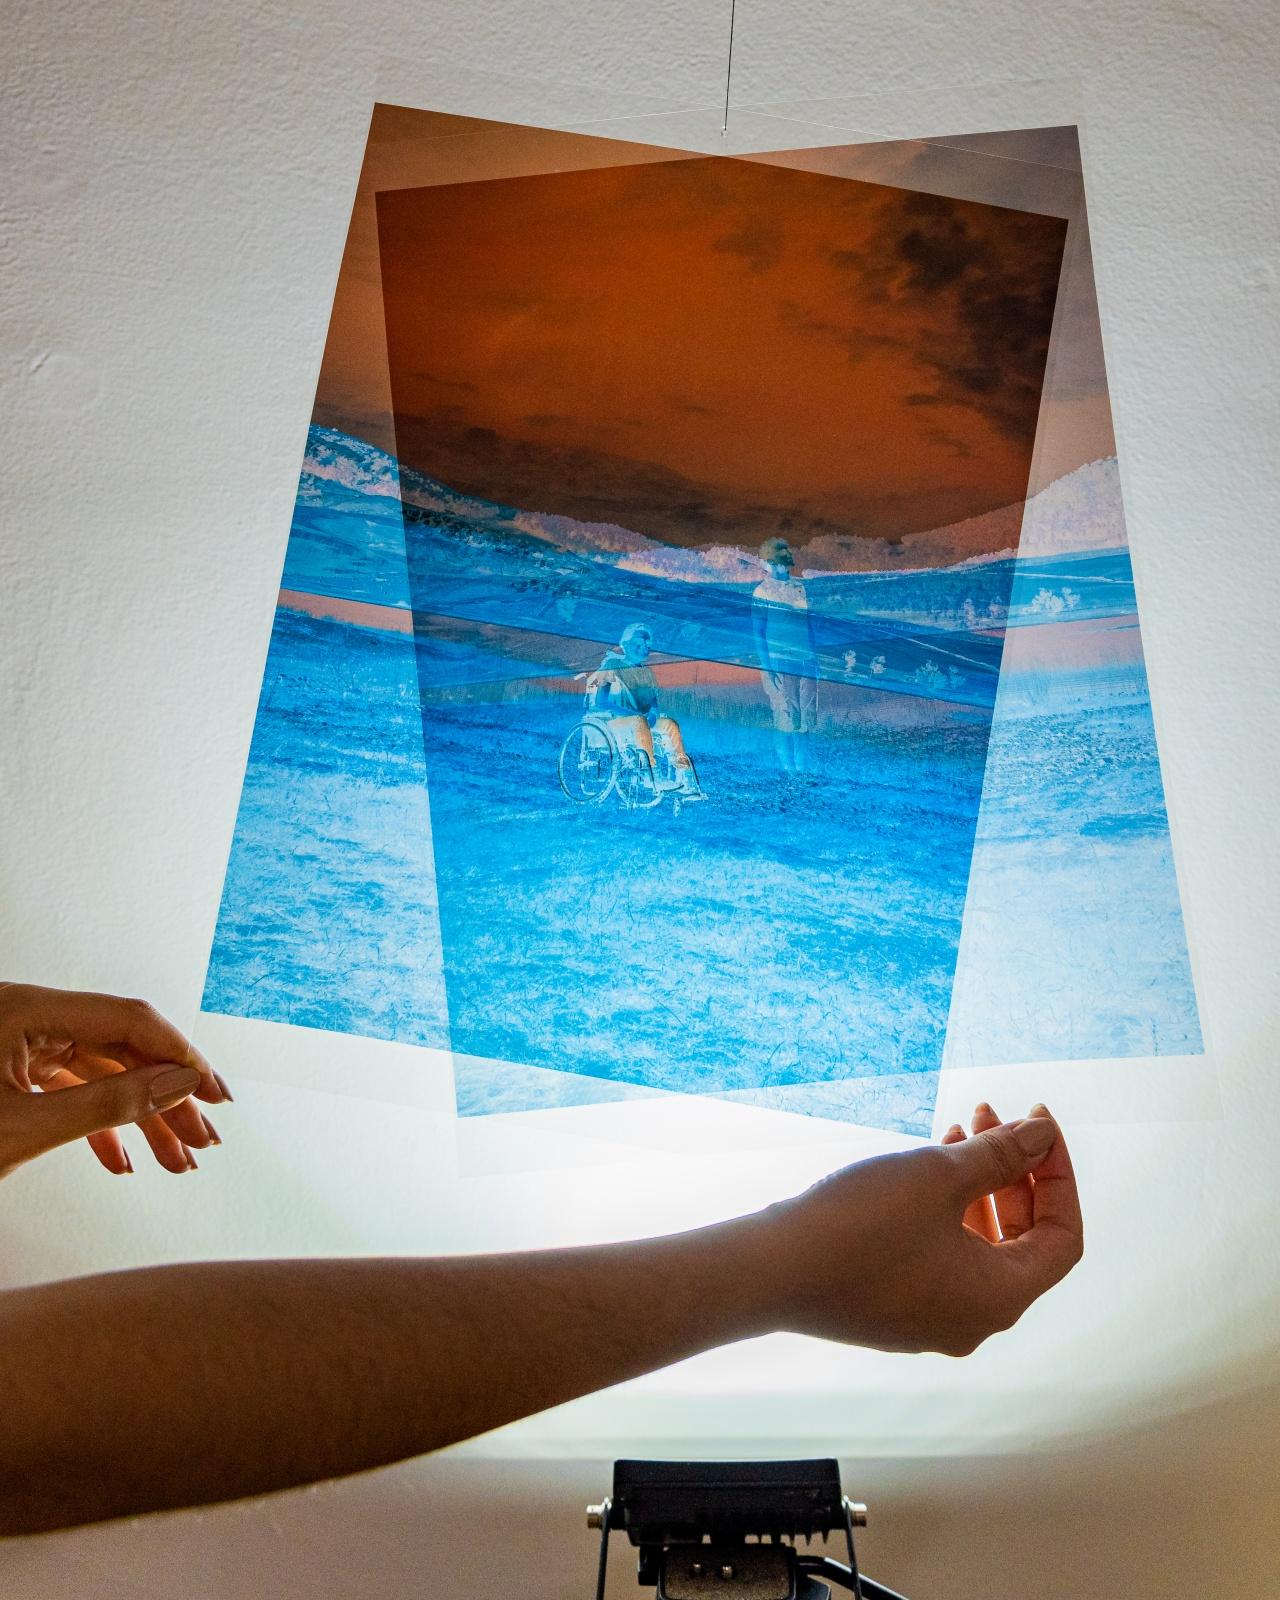 Incontri, 2021 - fotografia, performance - acetato e filo da cucito - 30x42cm